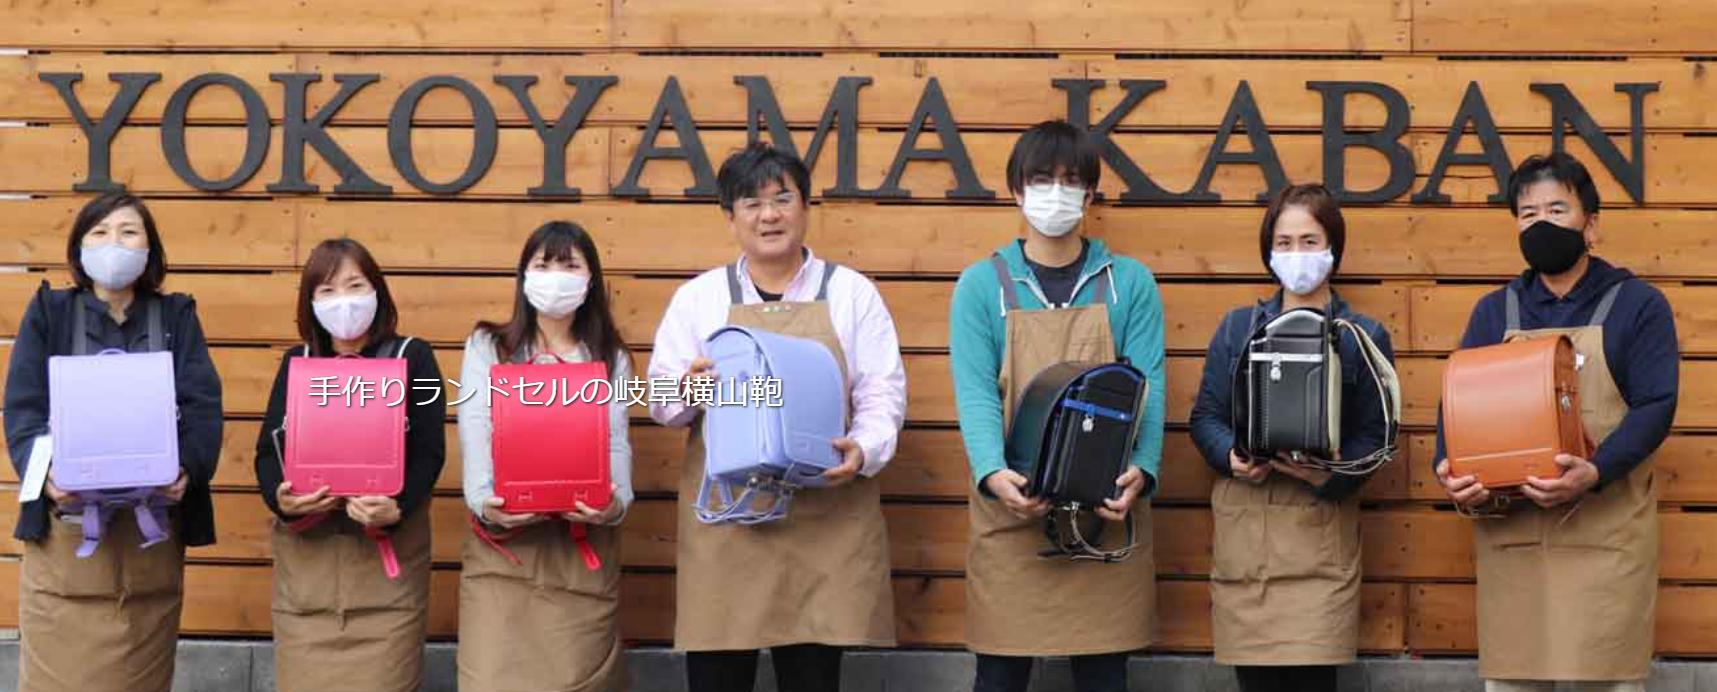 横山鞄 公式サイト